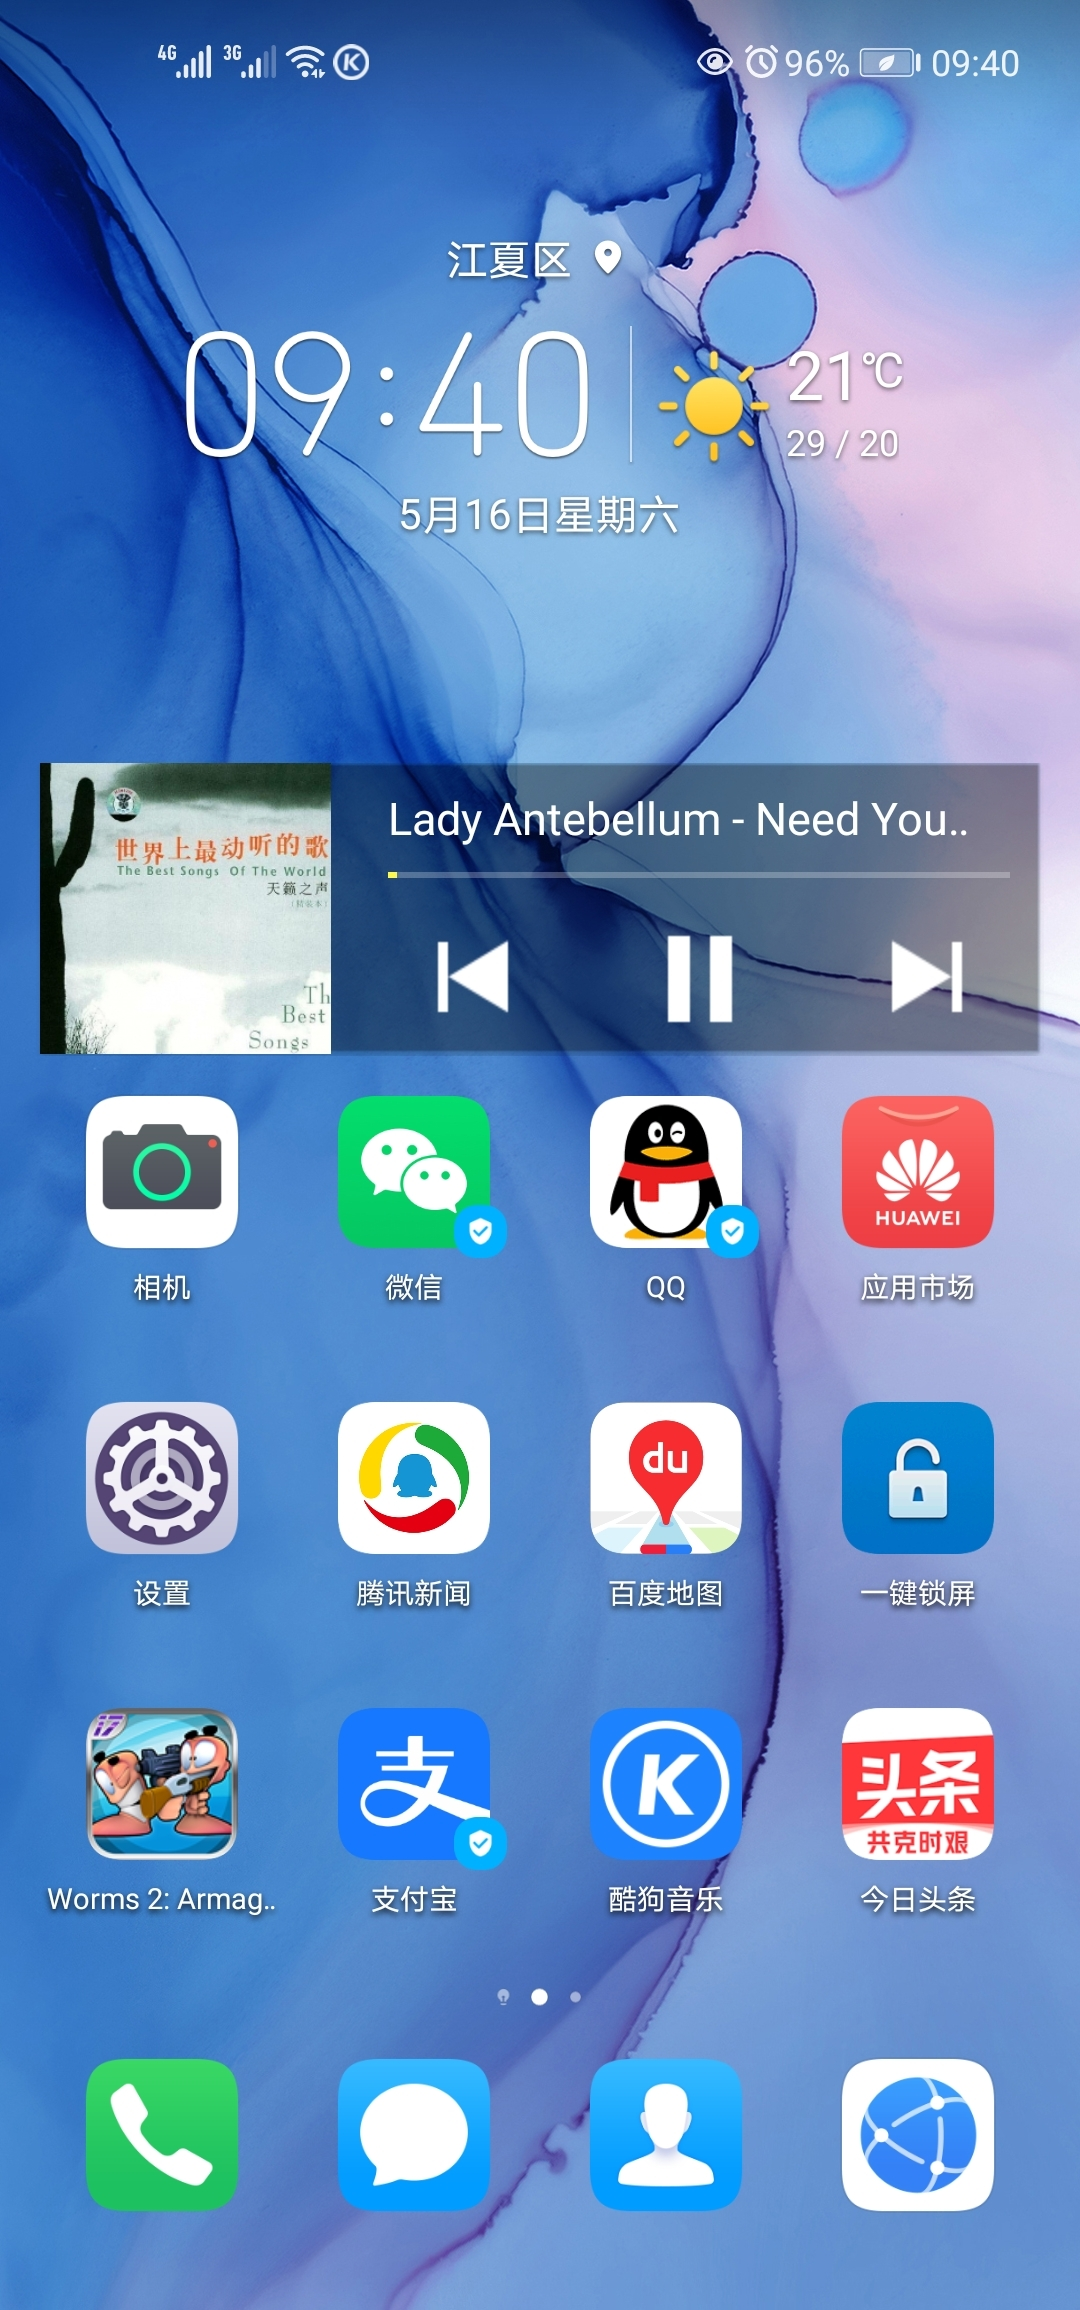 Screenshot_20200516_094039_com.huawei.android.launcher.jpg